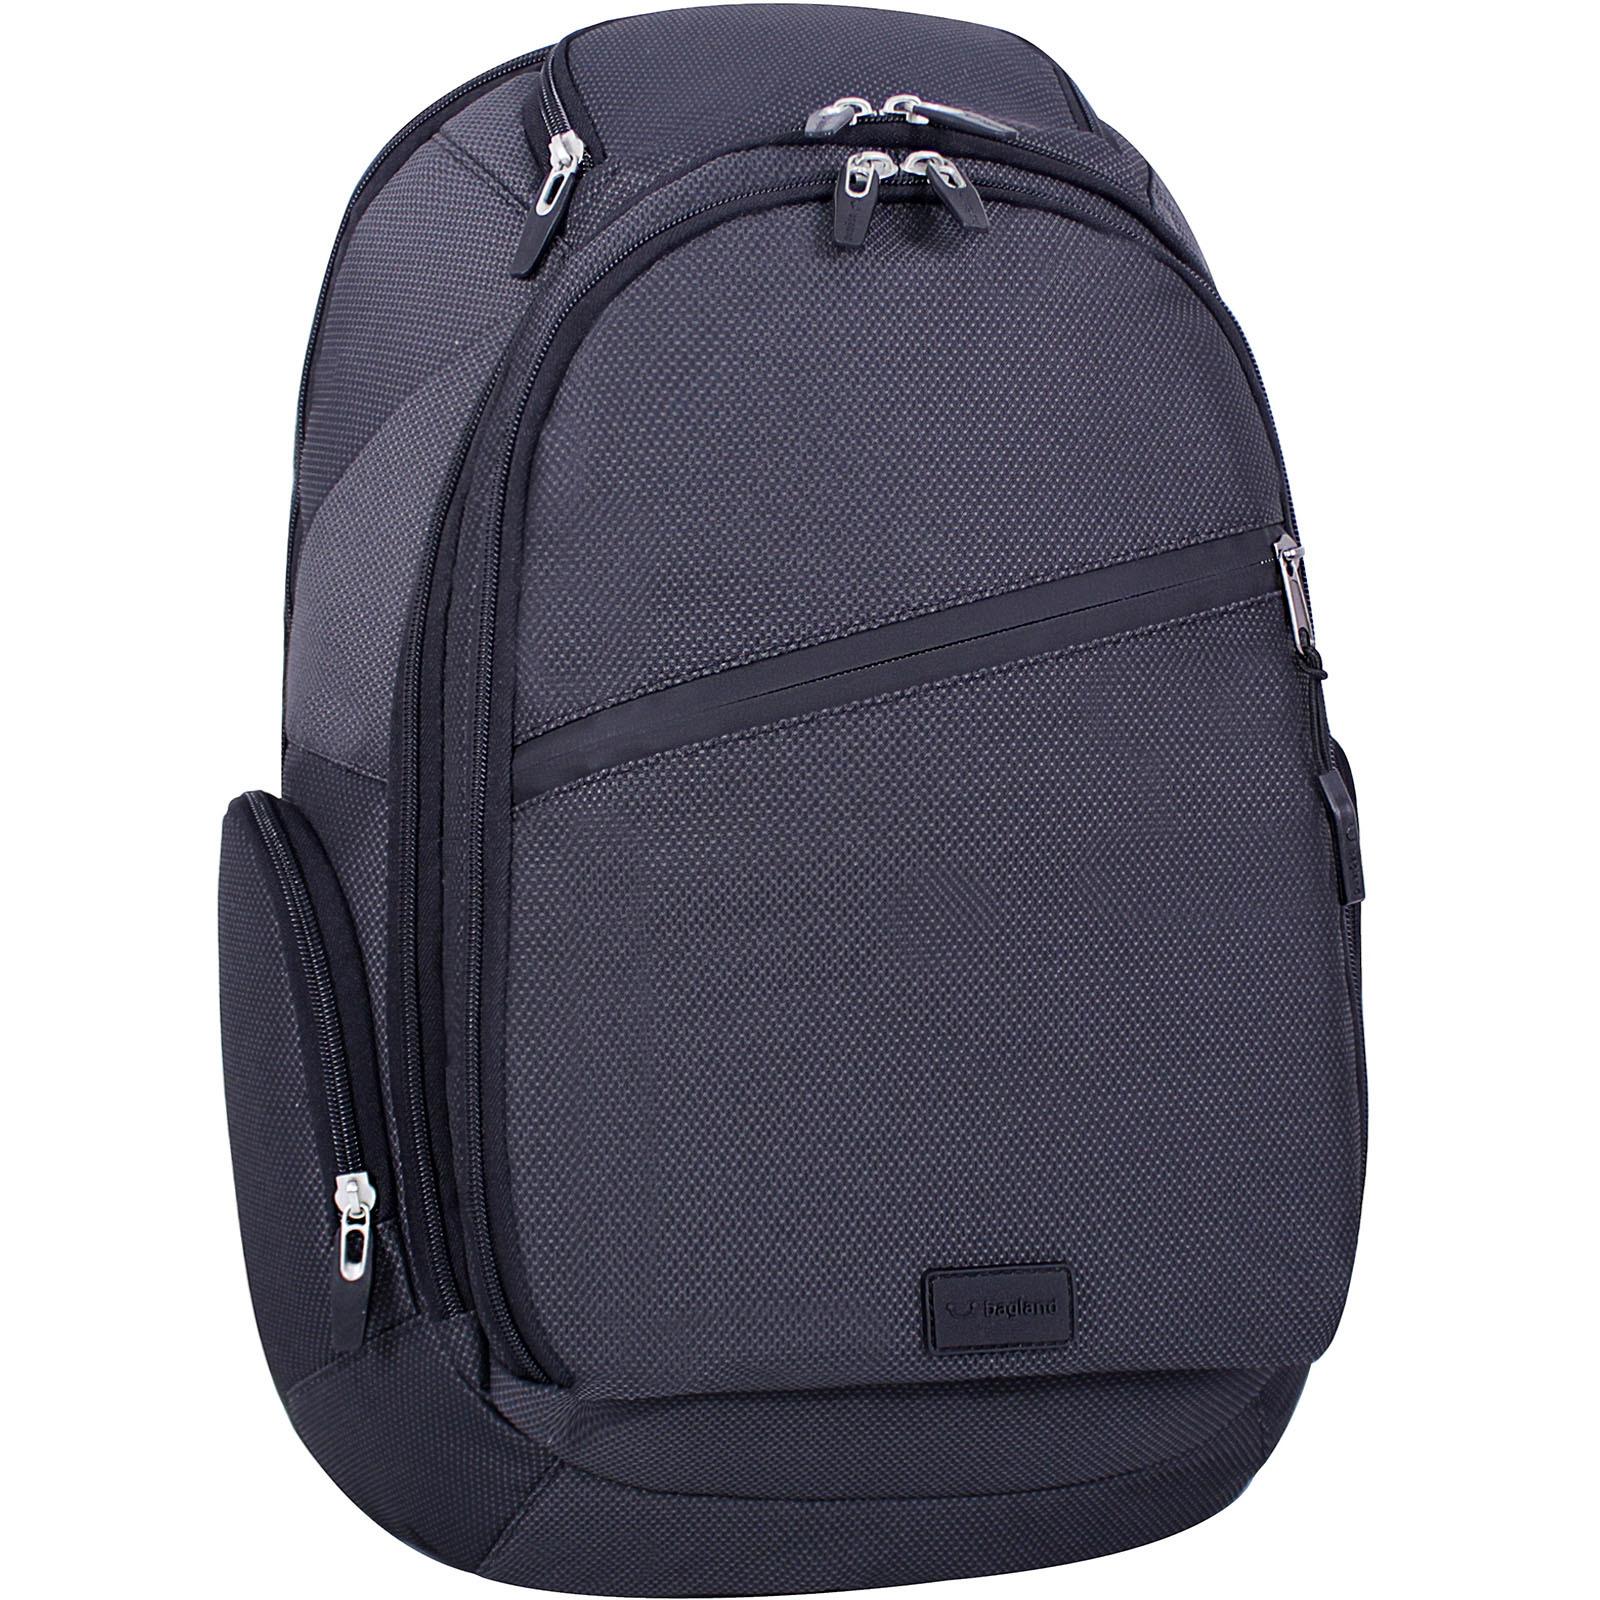 Рюкзаки для ноутбука Рюкзак для ноутбука Bagland Tibo 23 л. Чёрный (00190169) IMG_3313.jpg